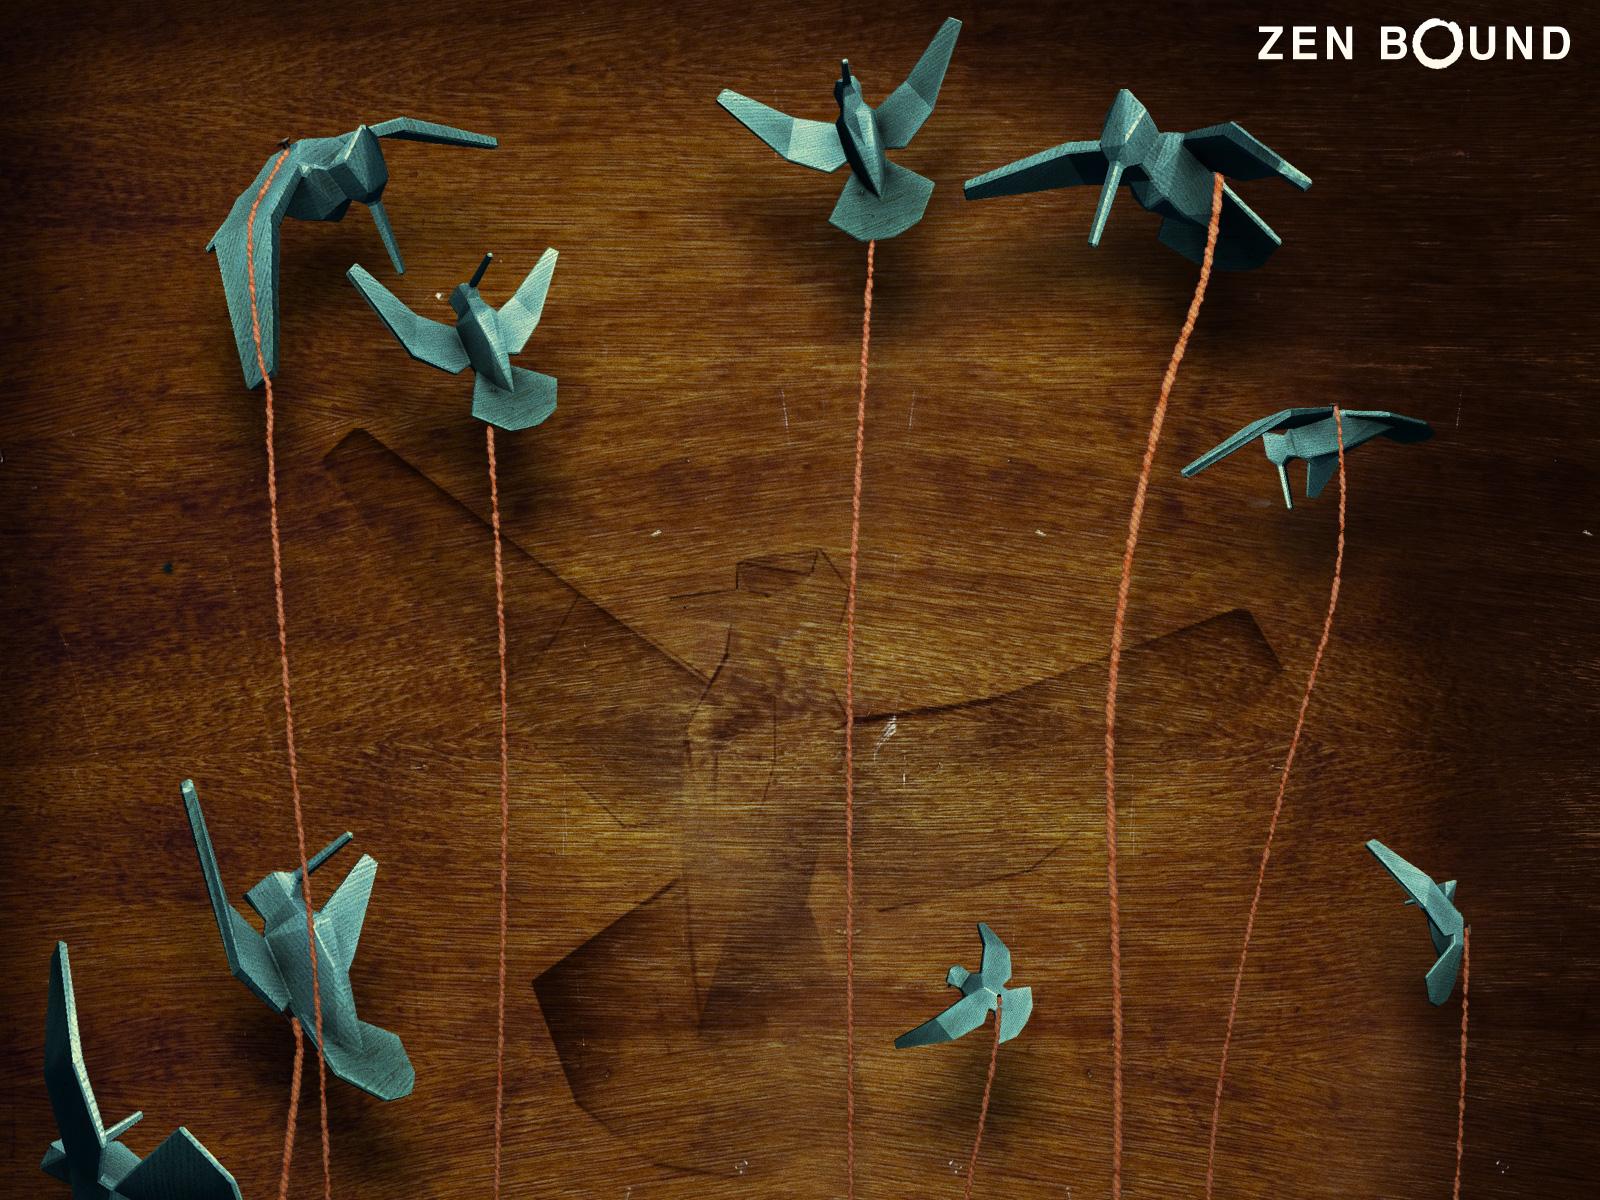 http://3.bp.blogspot.com/_9YRwjzlbruM/TSOn2oHJVyI/AAAAAAAAC1Q/ukvGlCARcwg/s1600/zen+bound+wallpaper.jpg